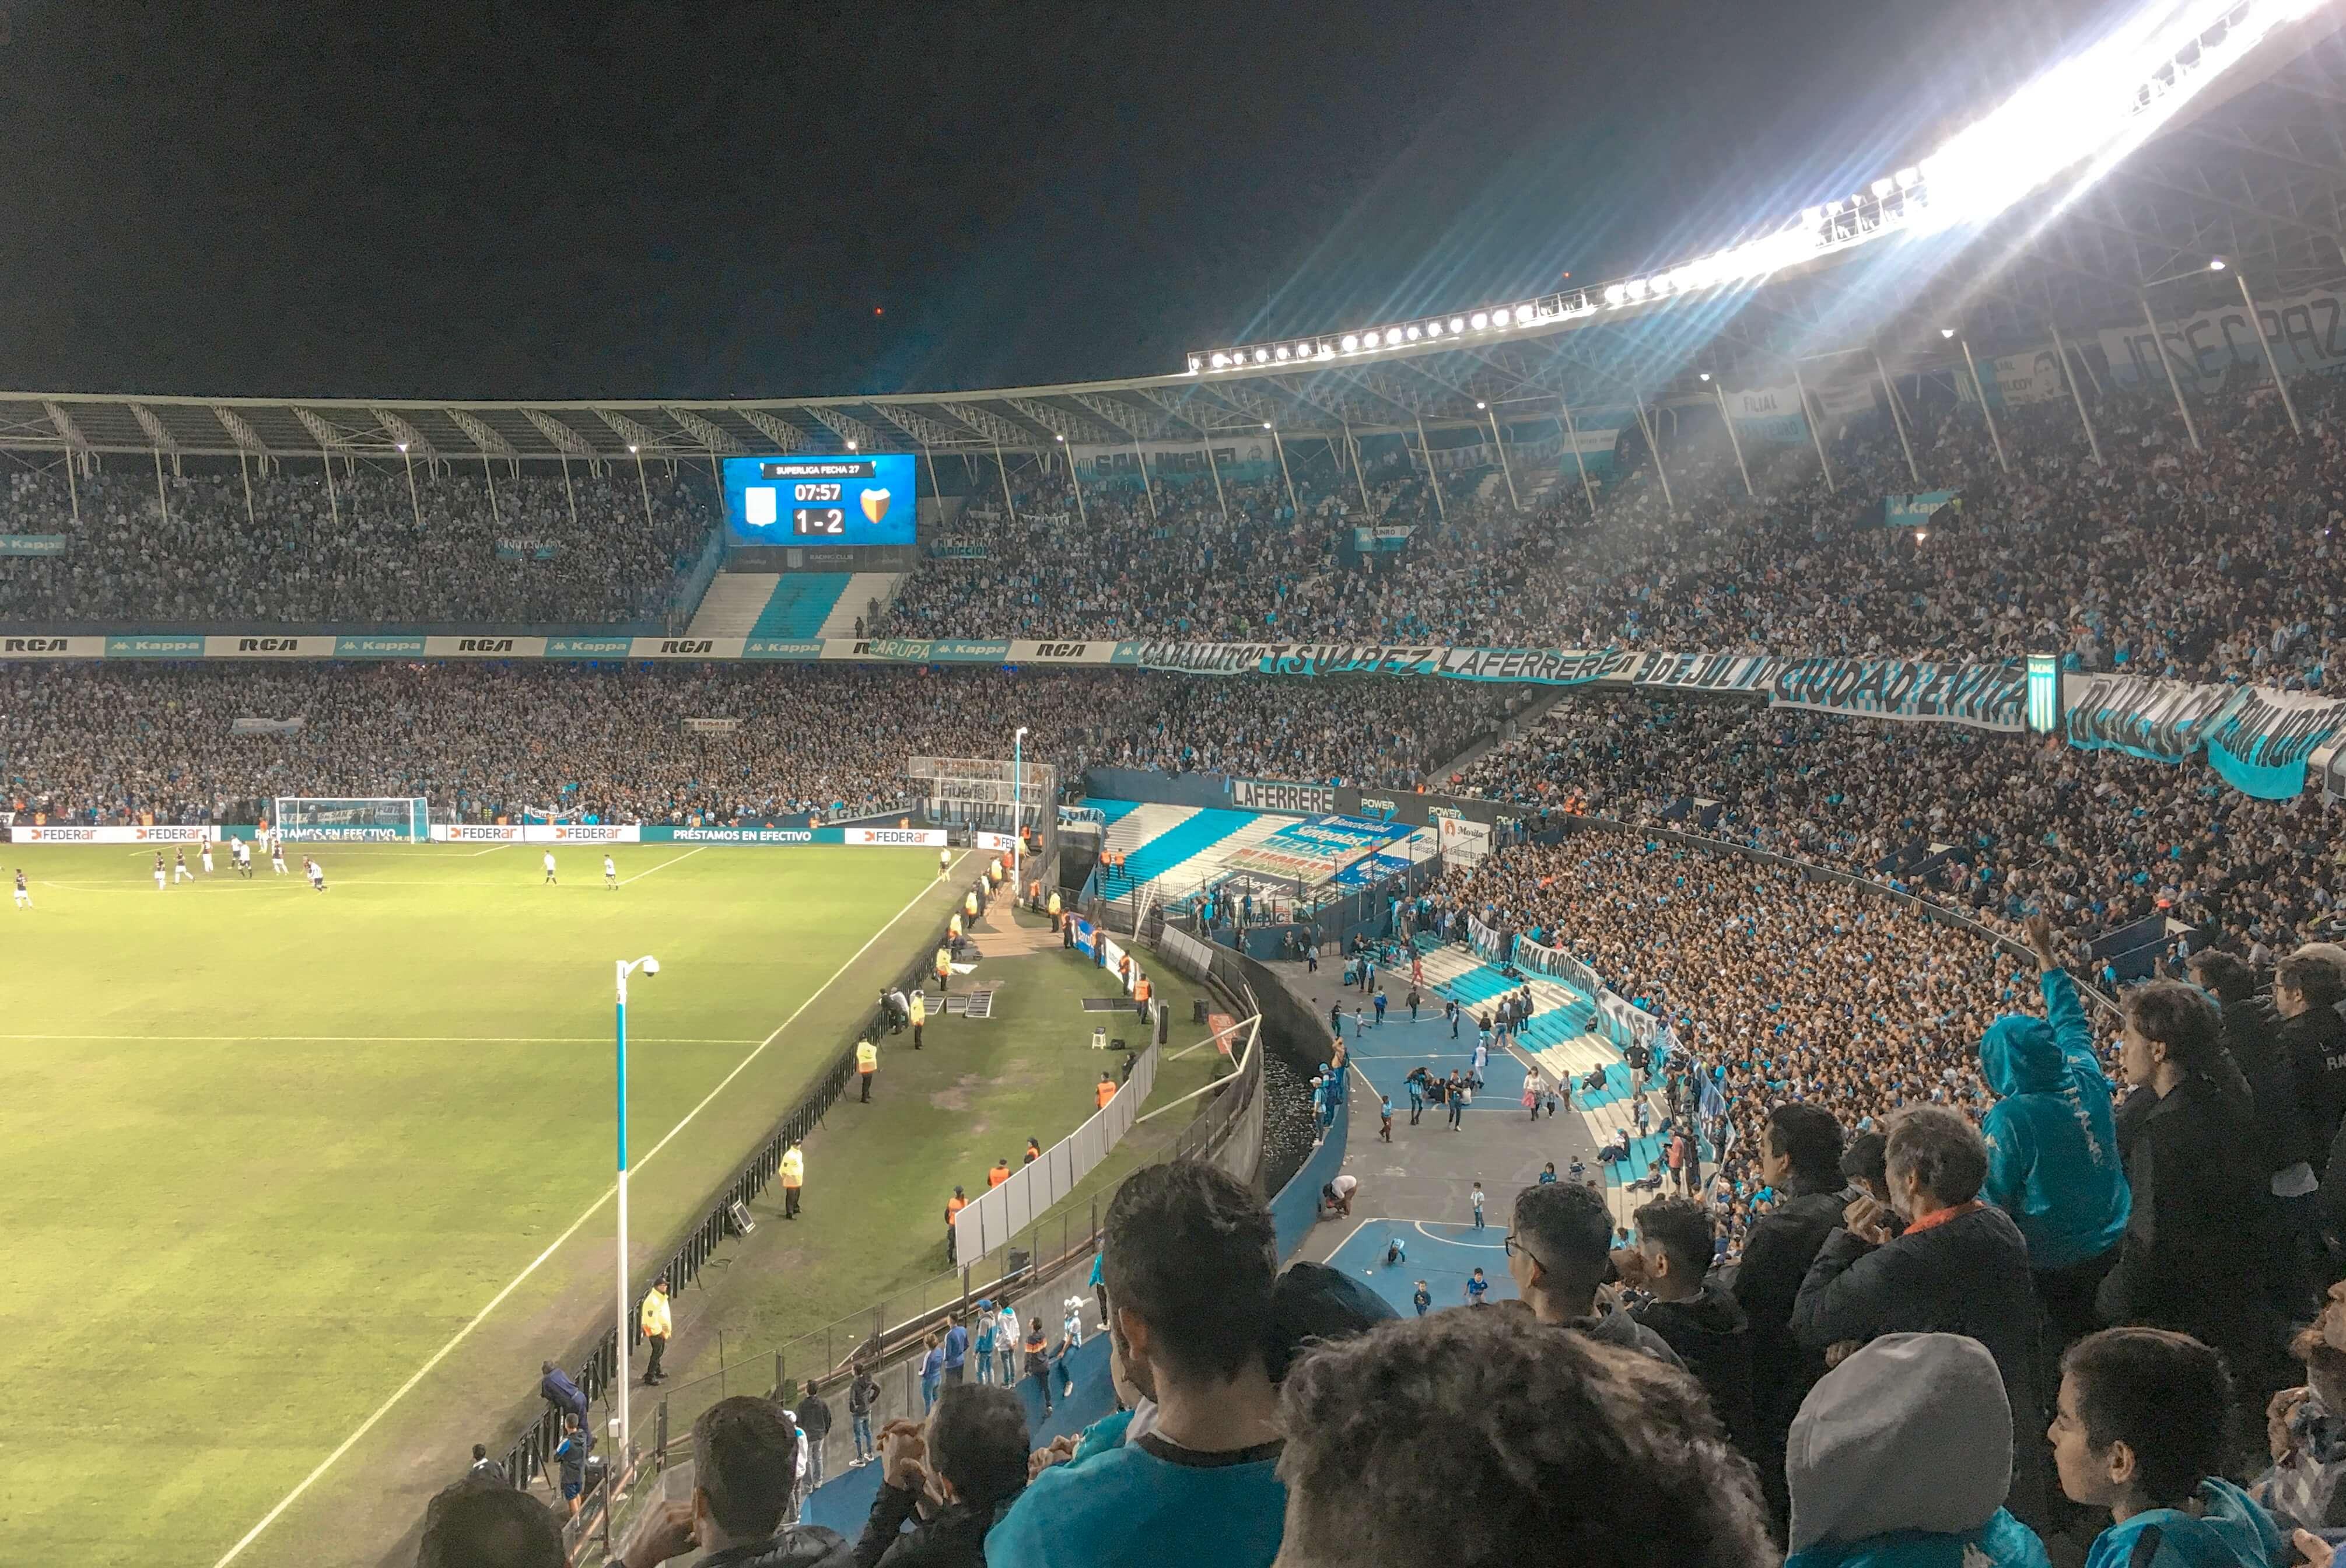 comment voir un match de foot argentine buenos aires